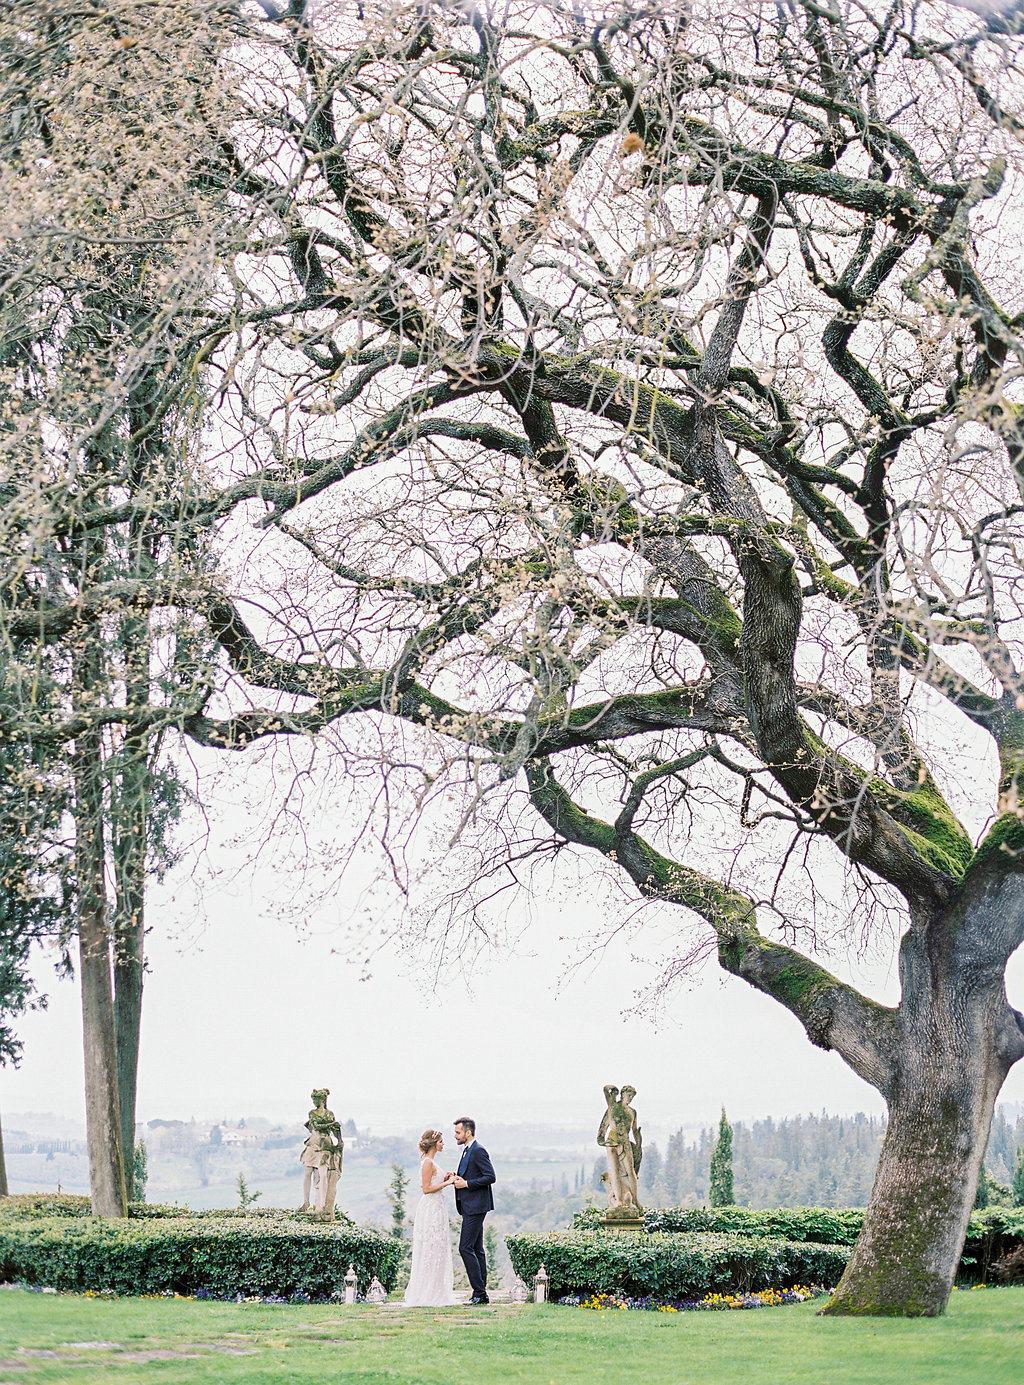 Весна любви: стилизованная фотосессия во Флоренции